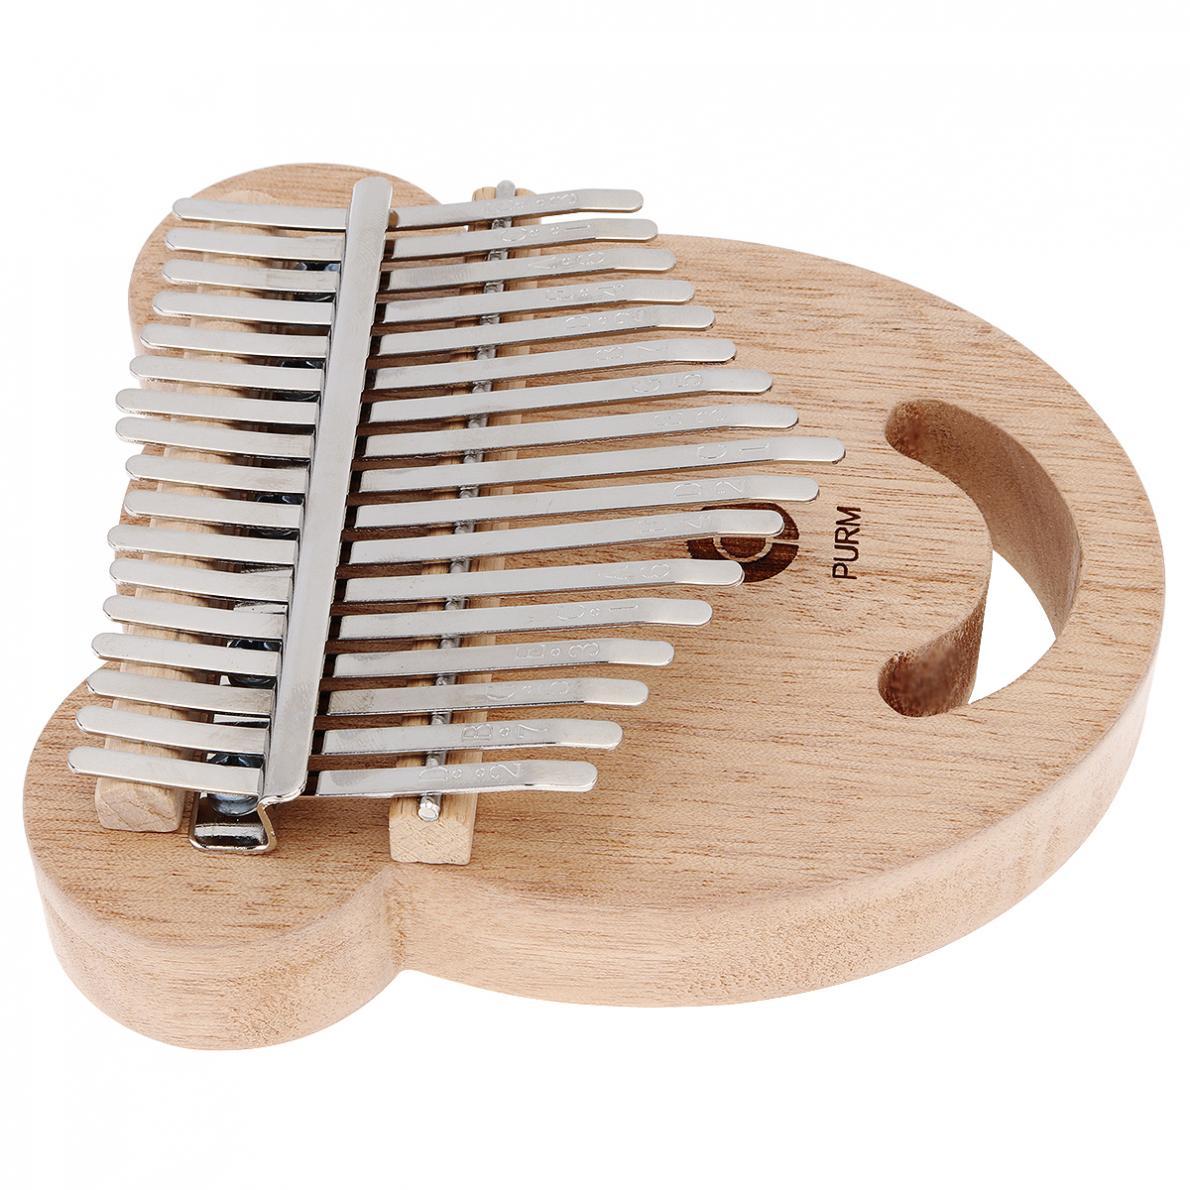 Thumb Piano 17 Key Mahogany Bear Face Shape Thumb Piano Kalimba Mbira with Tuning Hammer enlarge